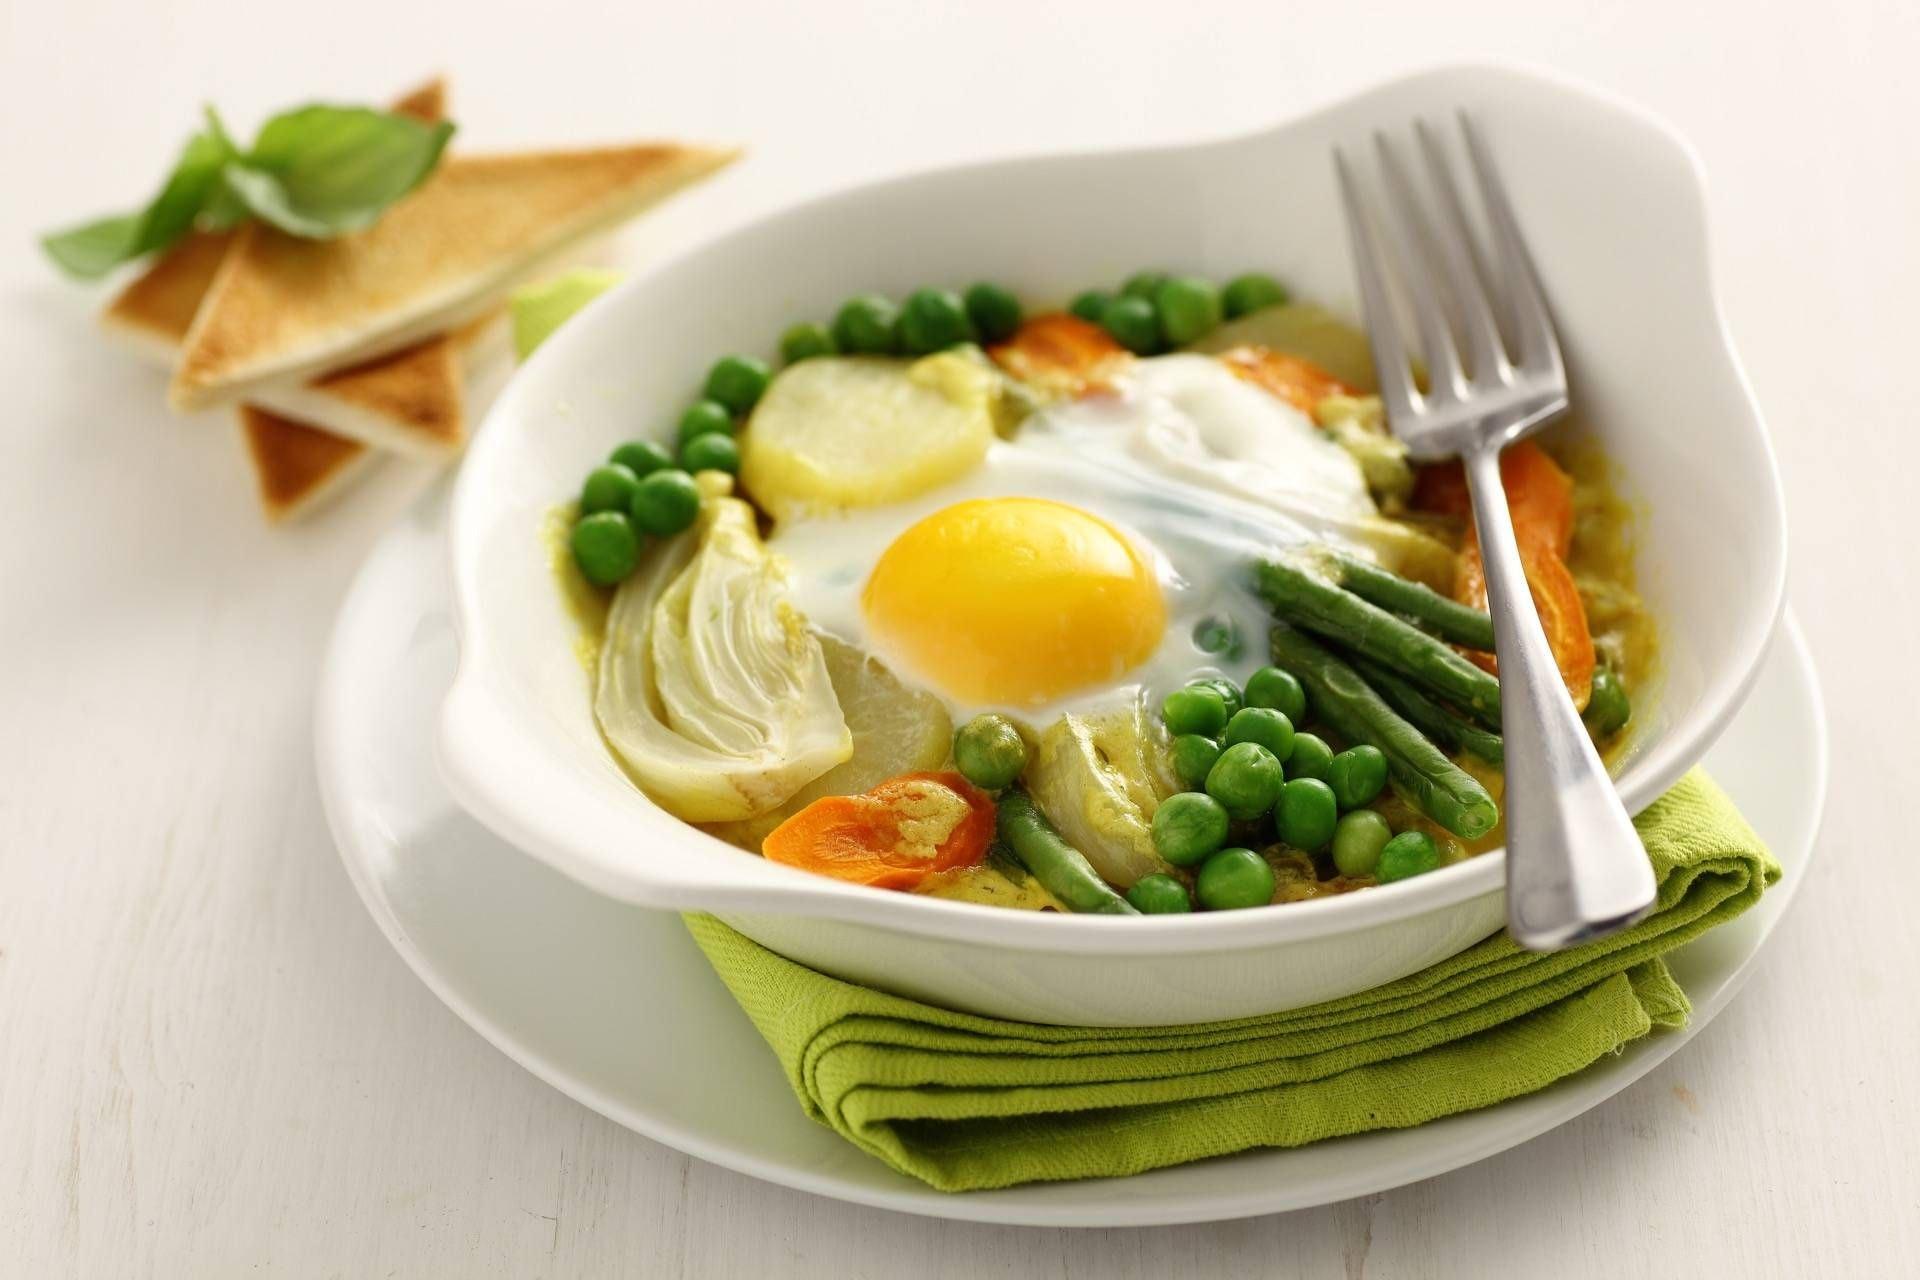 Tegamino di verdure con l'uovo - Parmalat